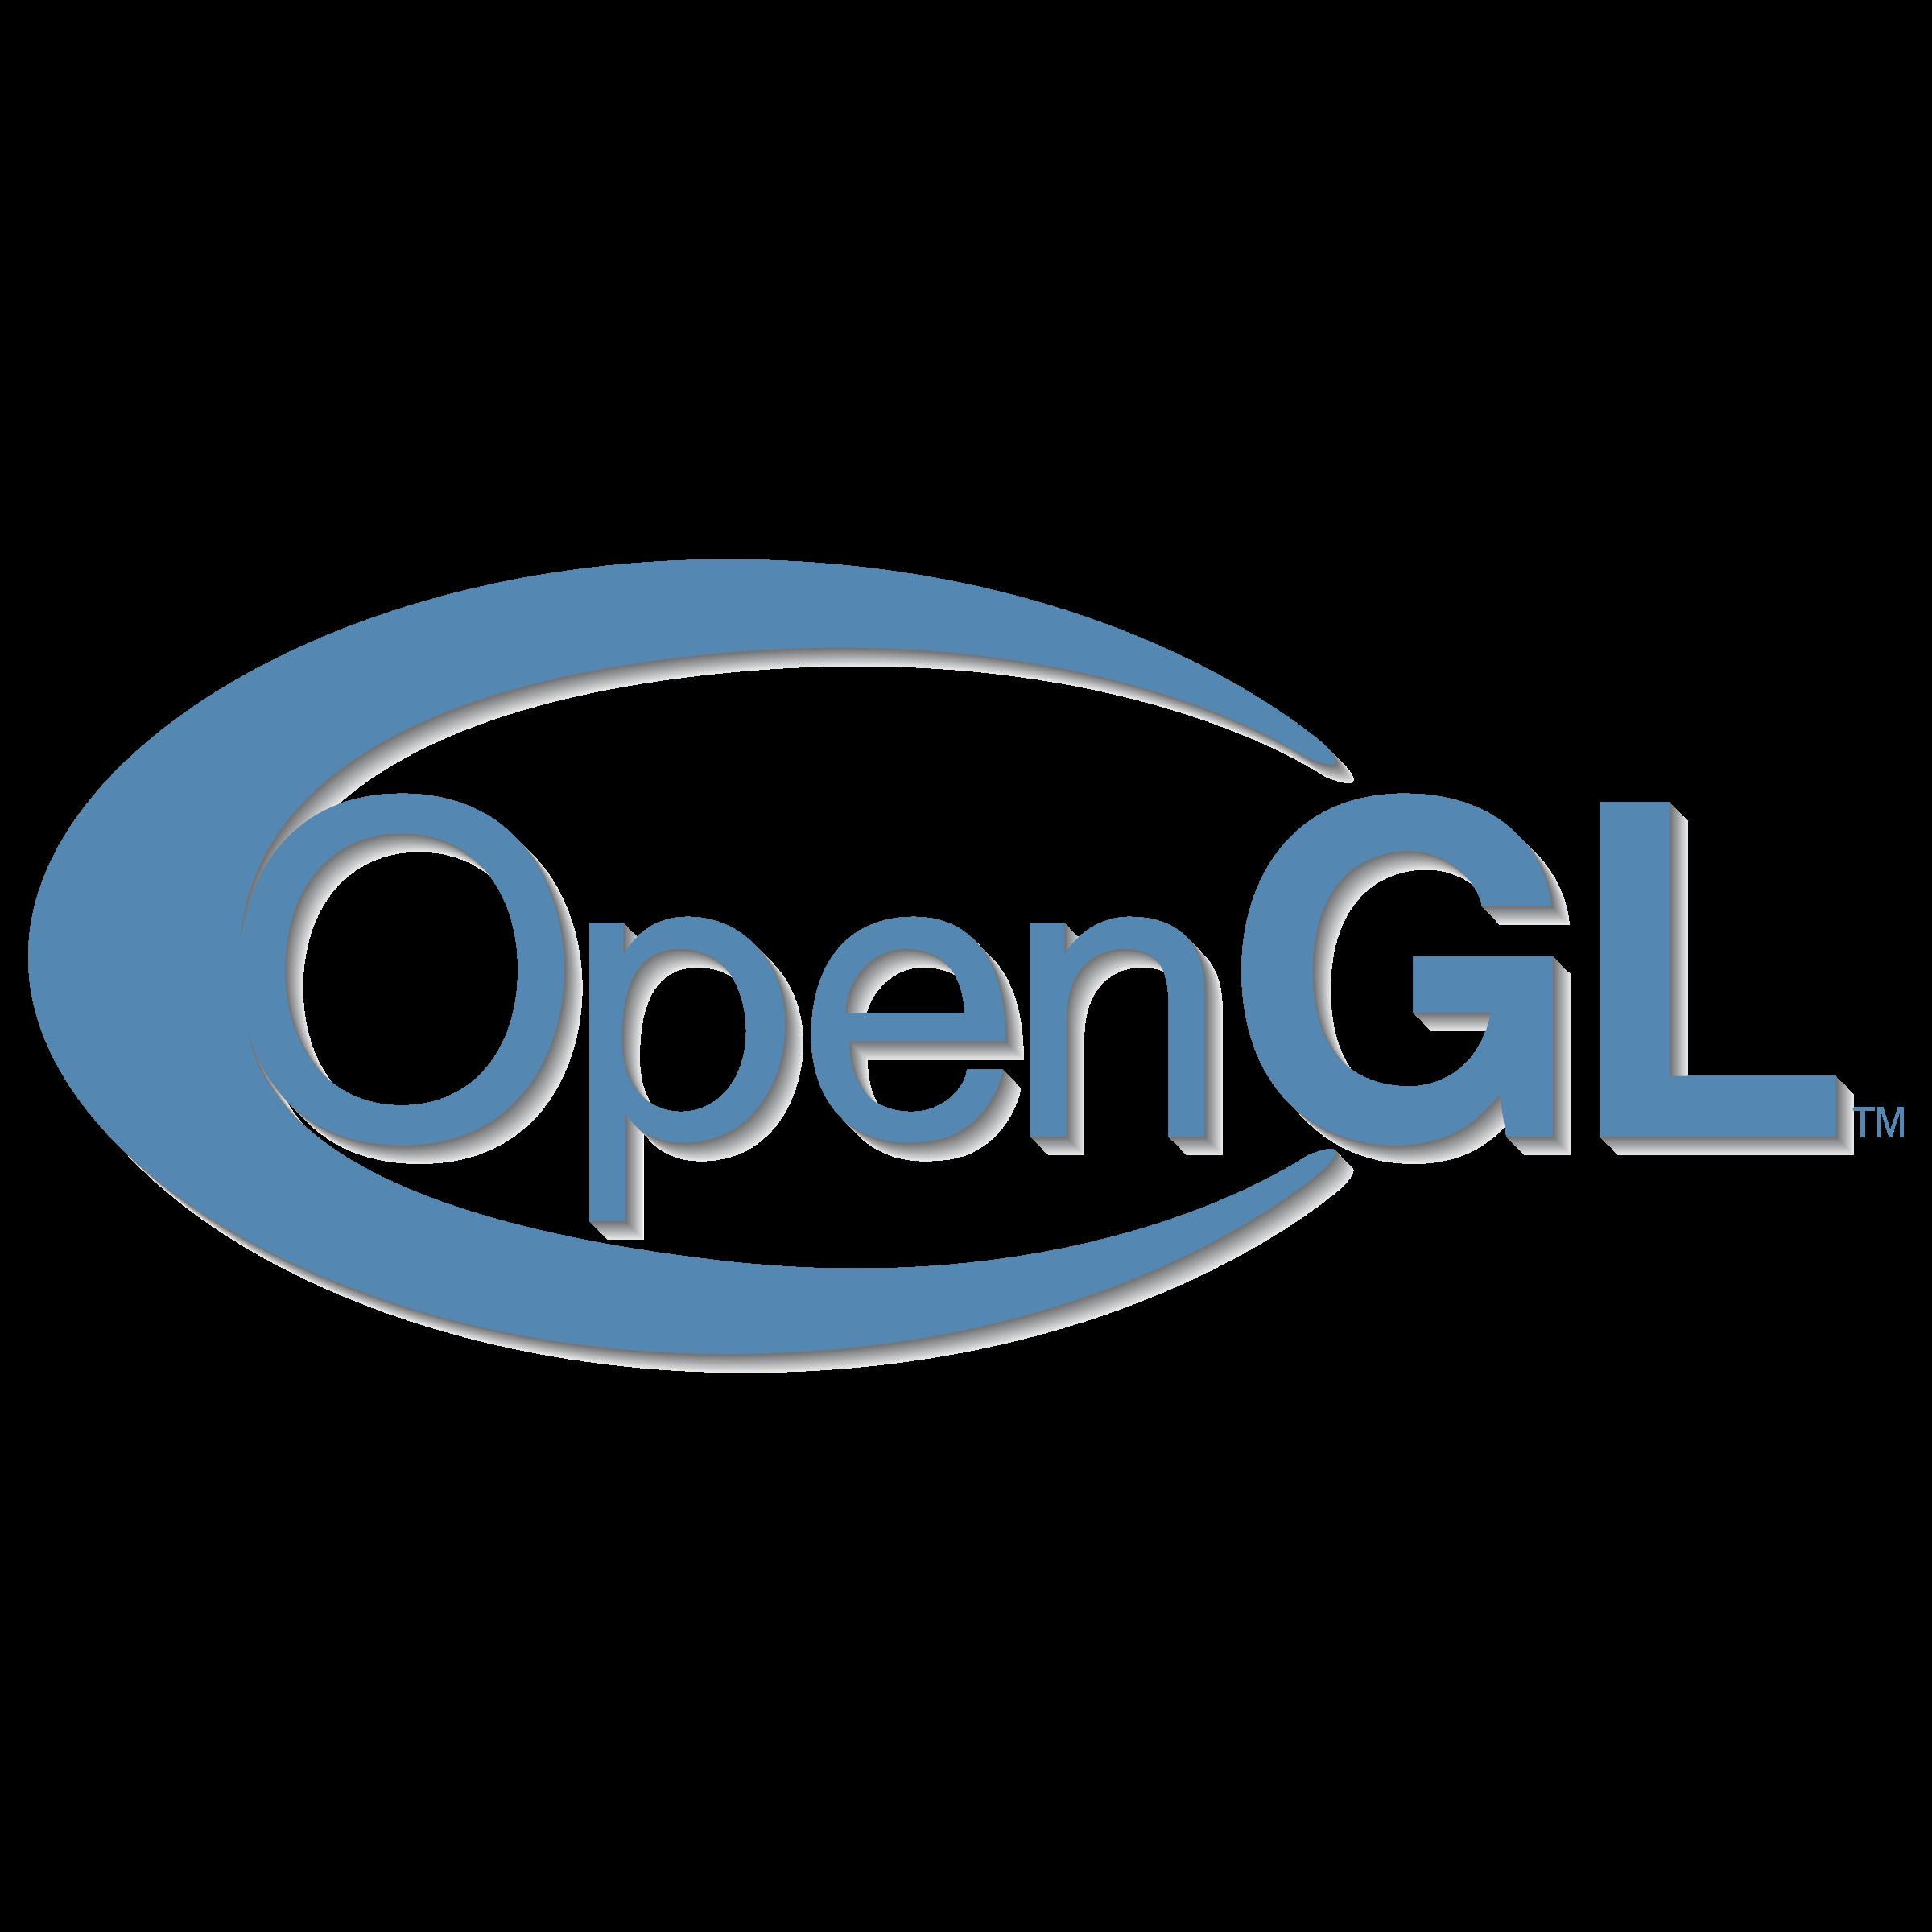 OpenGL Logo PNG Transparent & SVG Vector.